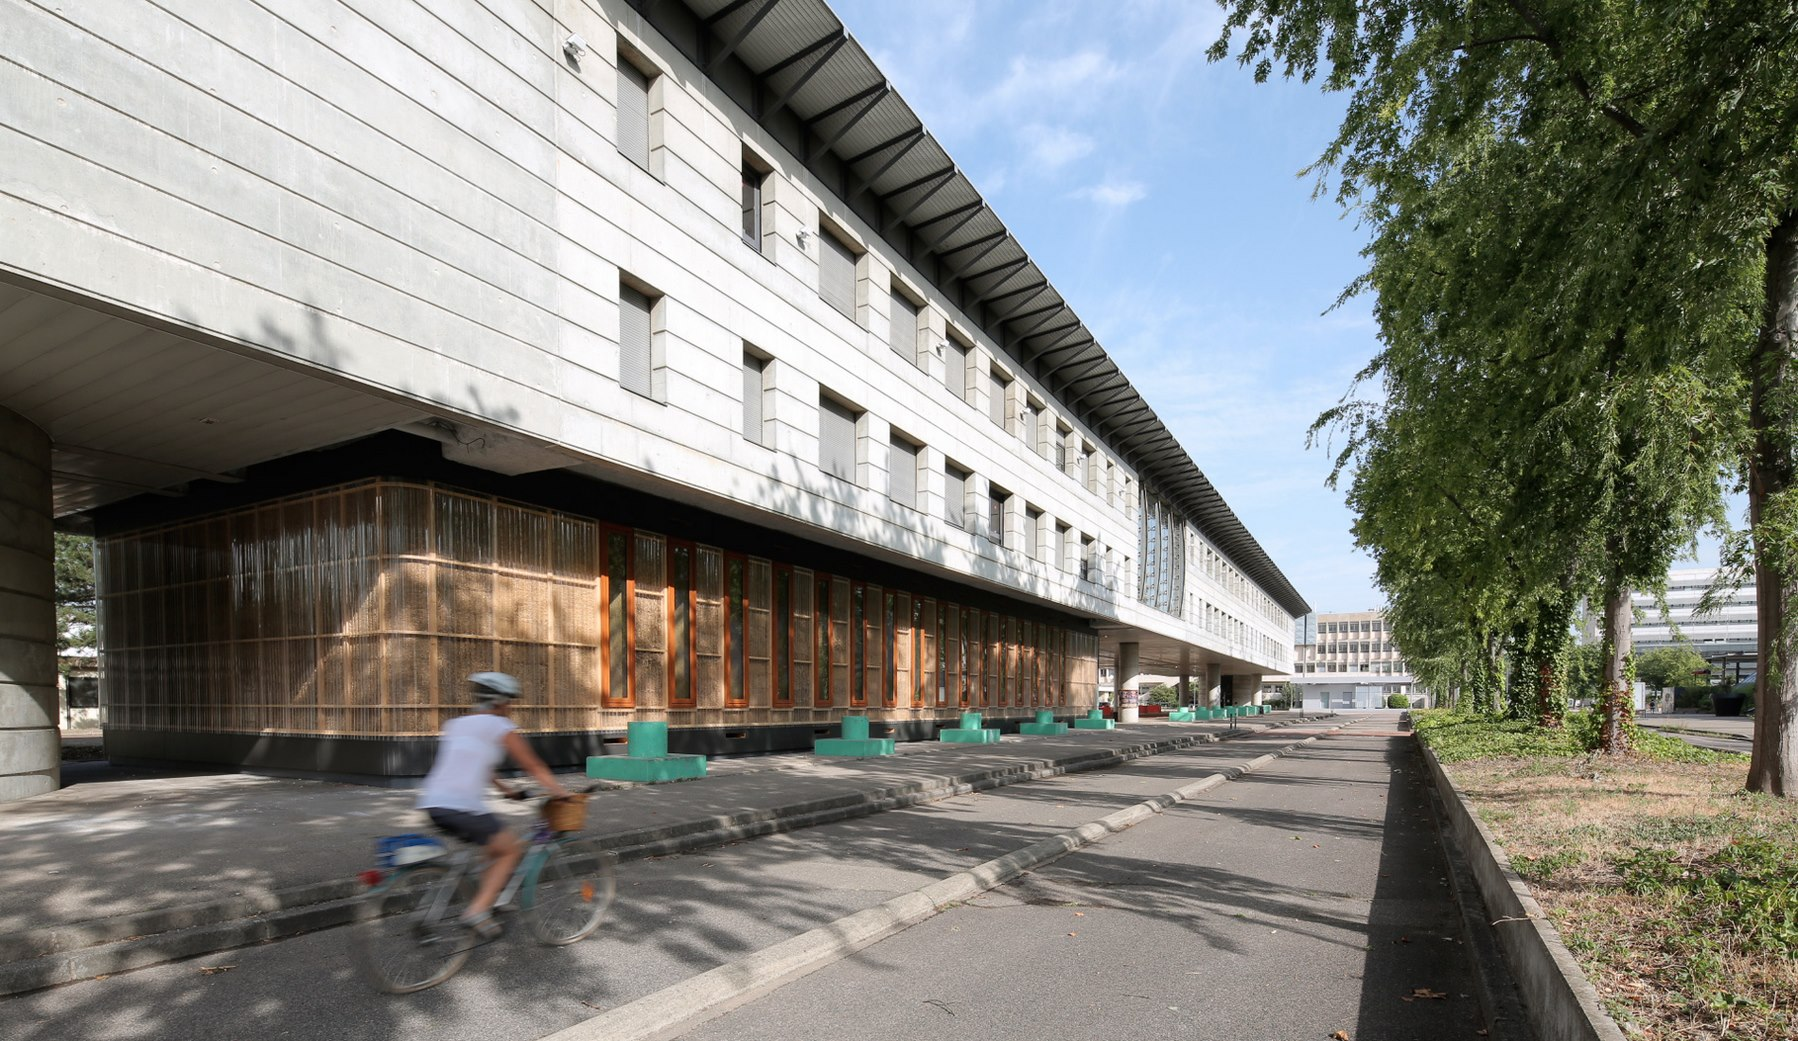 Pré-fabrique de l'innovation - Campus LyonTech La Doua - Lyon - Villeurbanne - Z Architecture